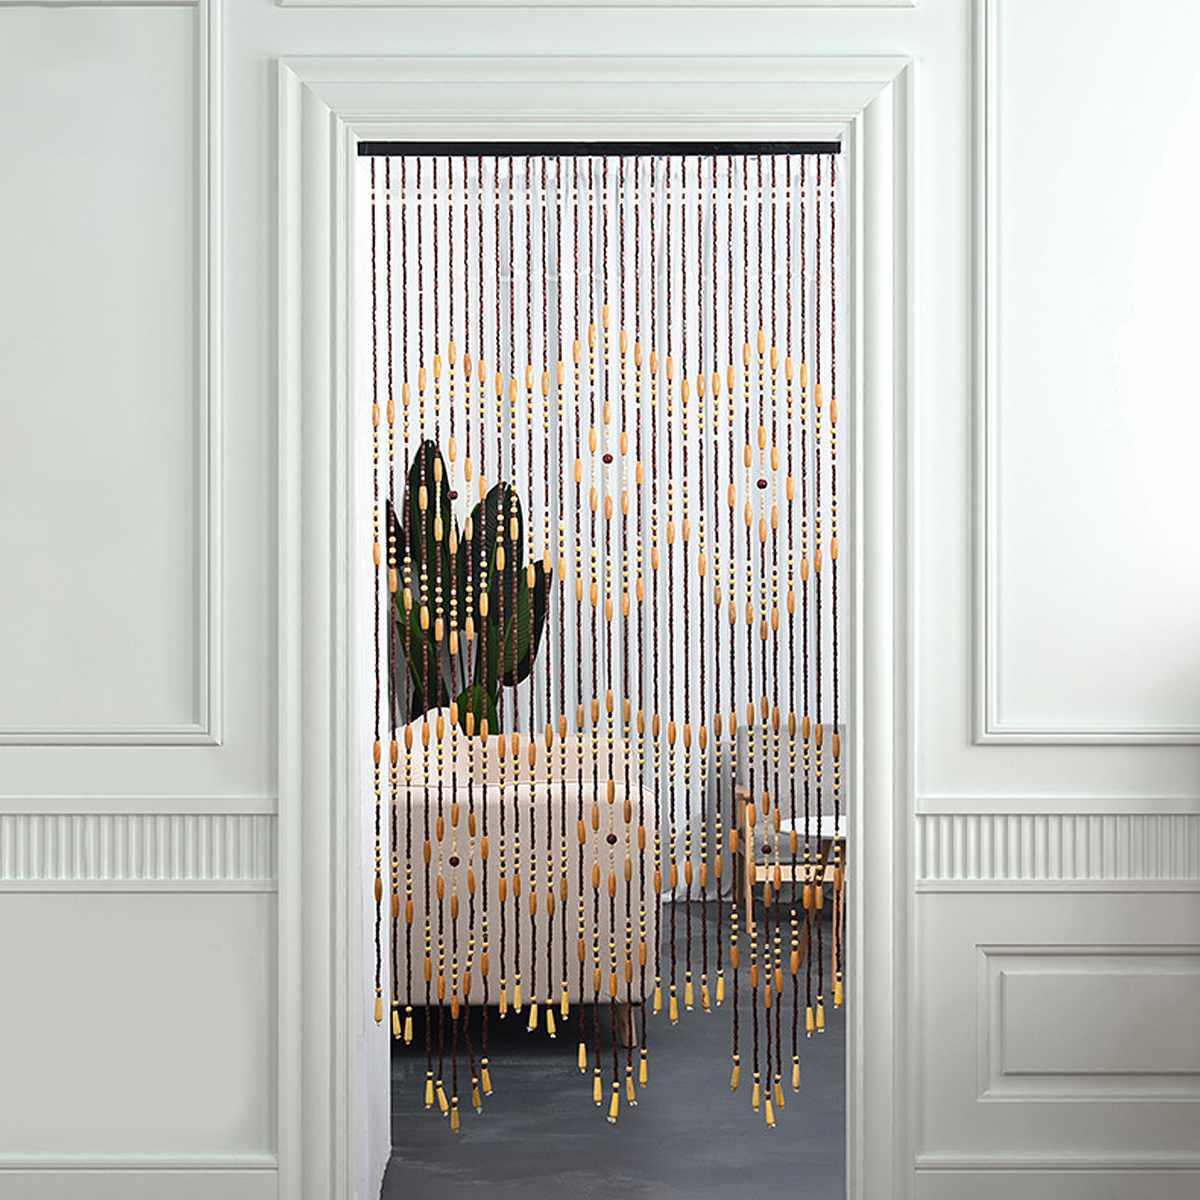 rideau en perles de bois de couloir 90x175cm 31 lignes 6 prunes ecran volant en forme irreguliere stores en haricots faits a la main pour decor de